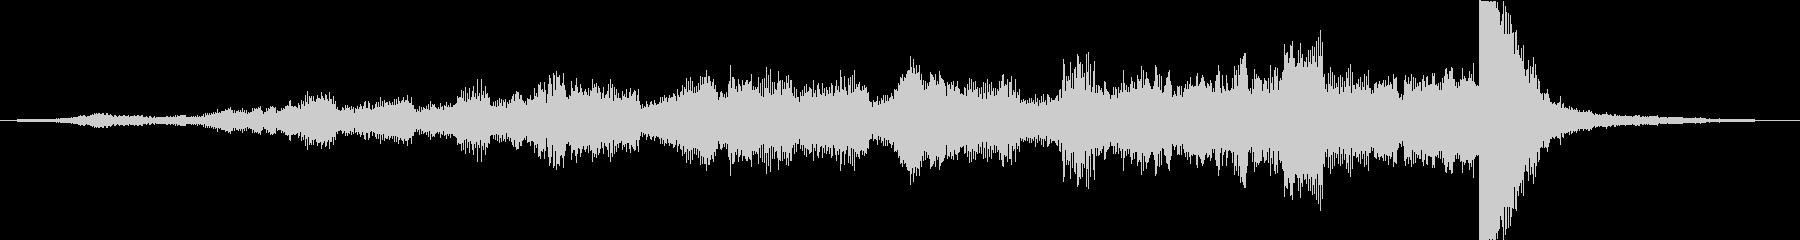 シーケンス オーケストラビルドアップ01の未再生の波形